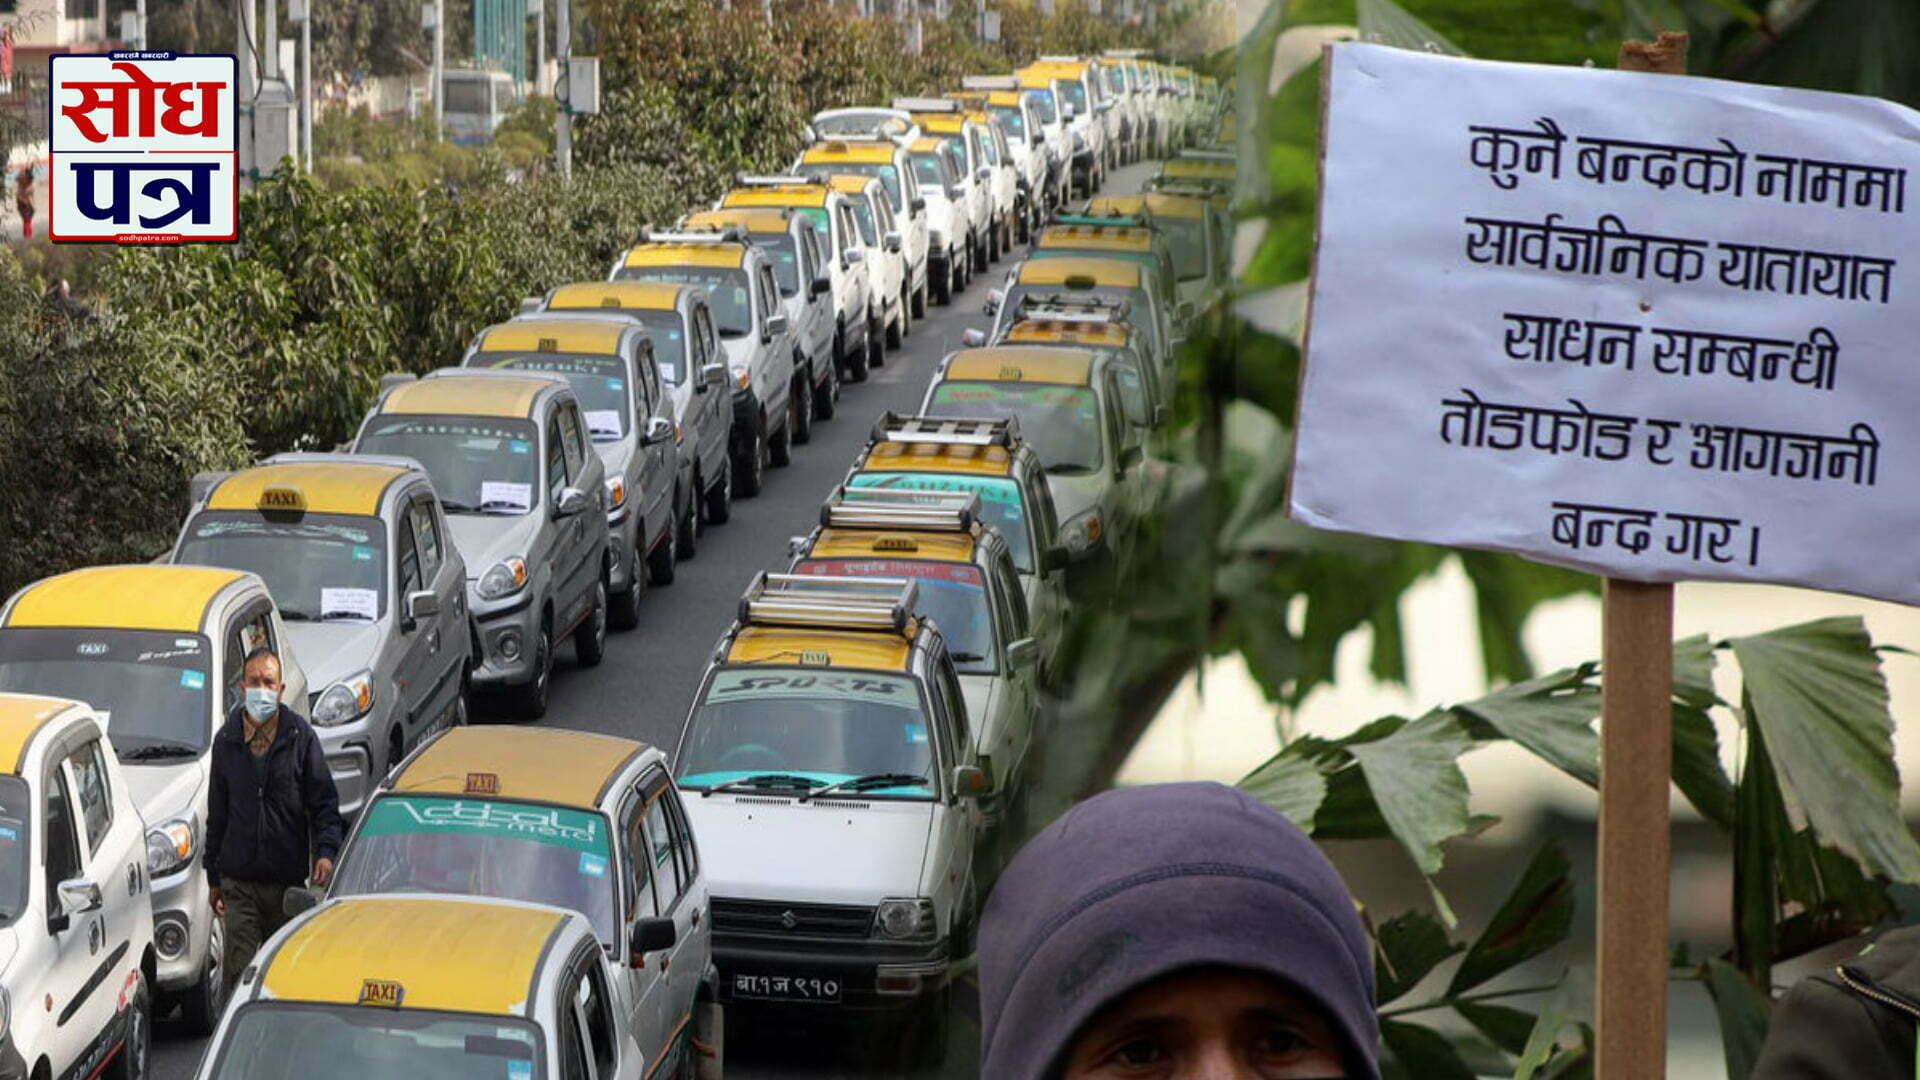 आमहड्तालमा ट्याक्सी जलाइएको विरोधमा चालकहरु सडकमा